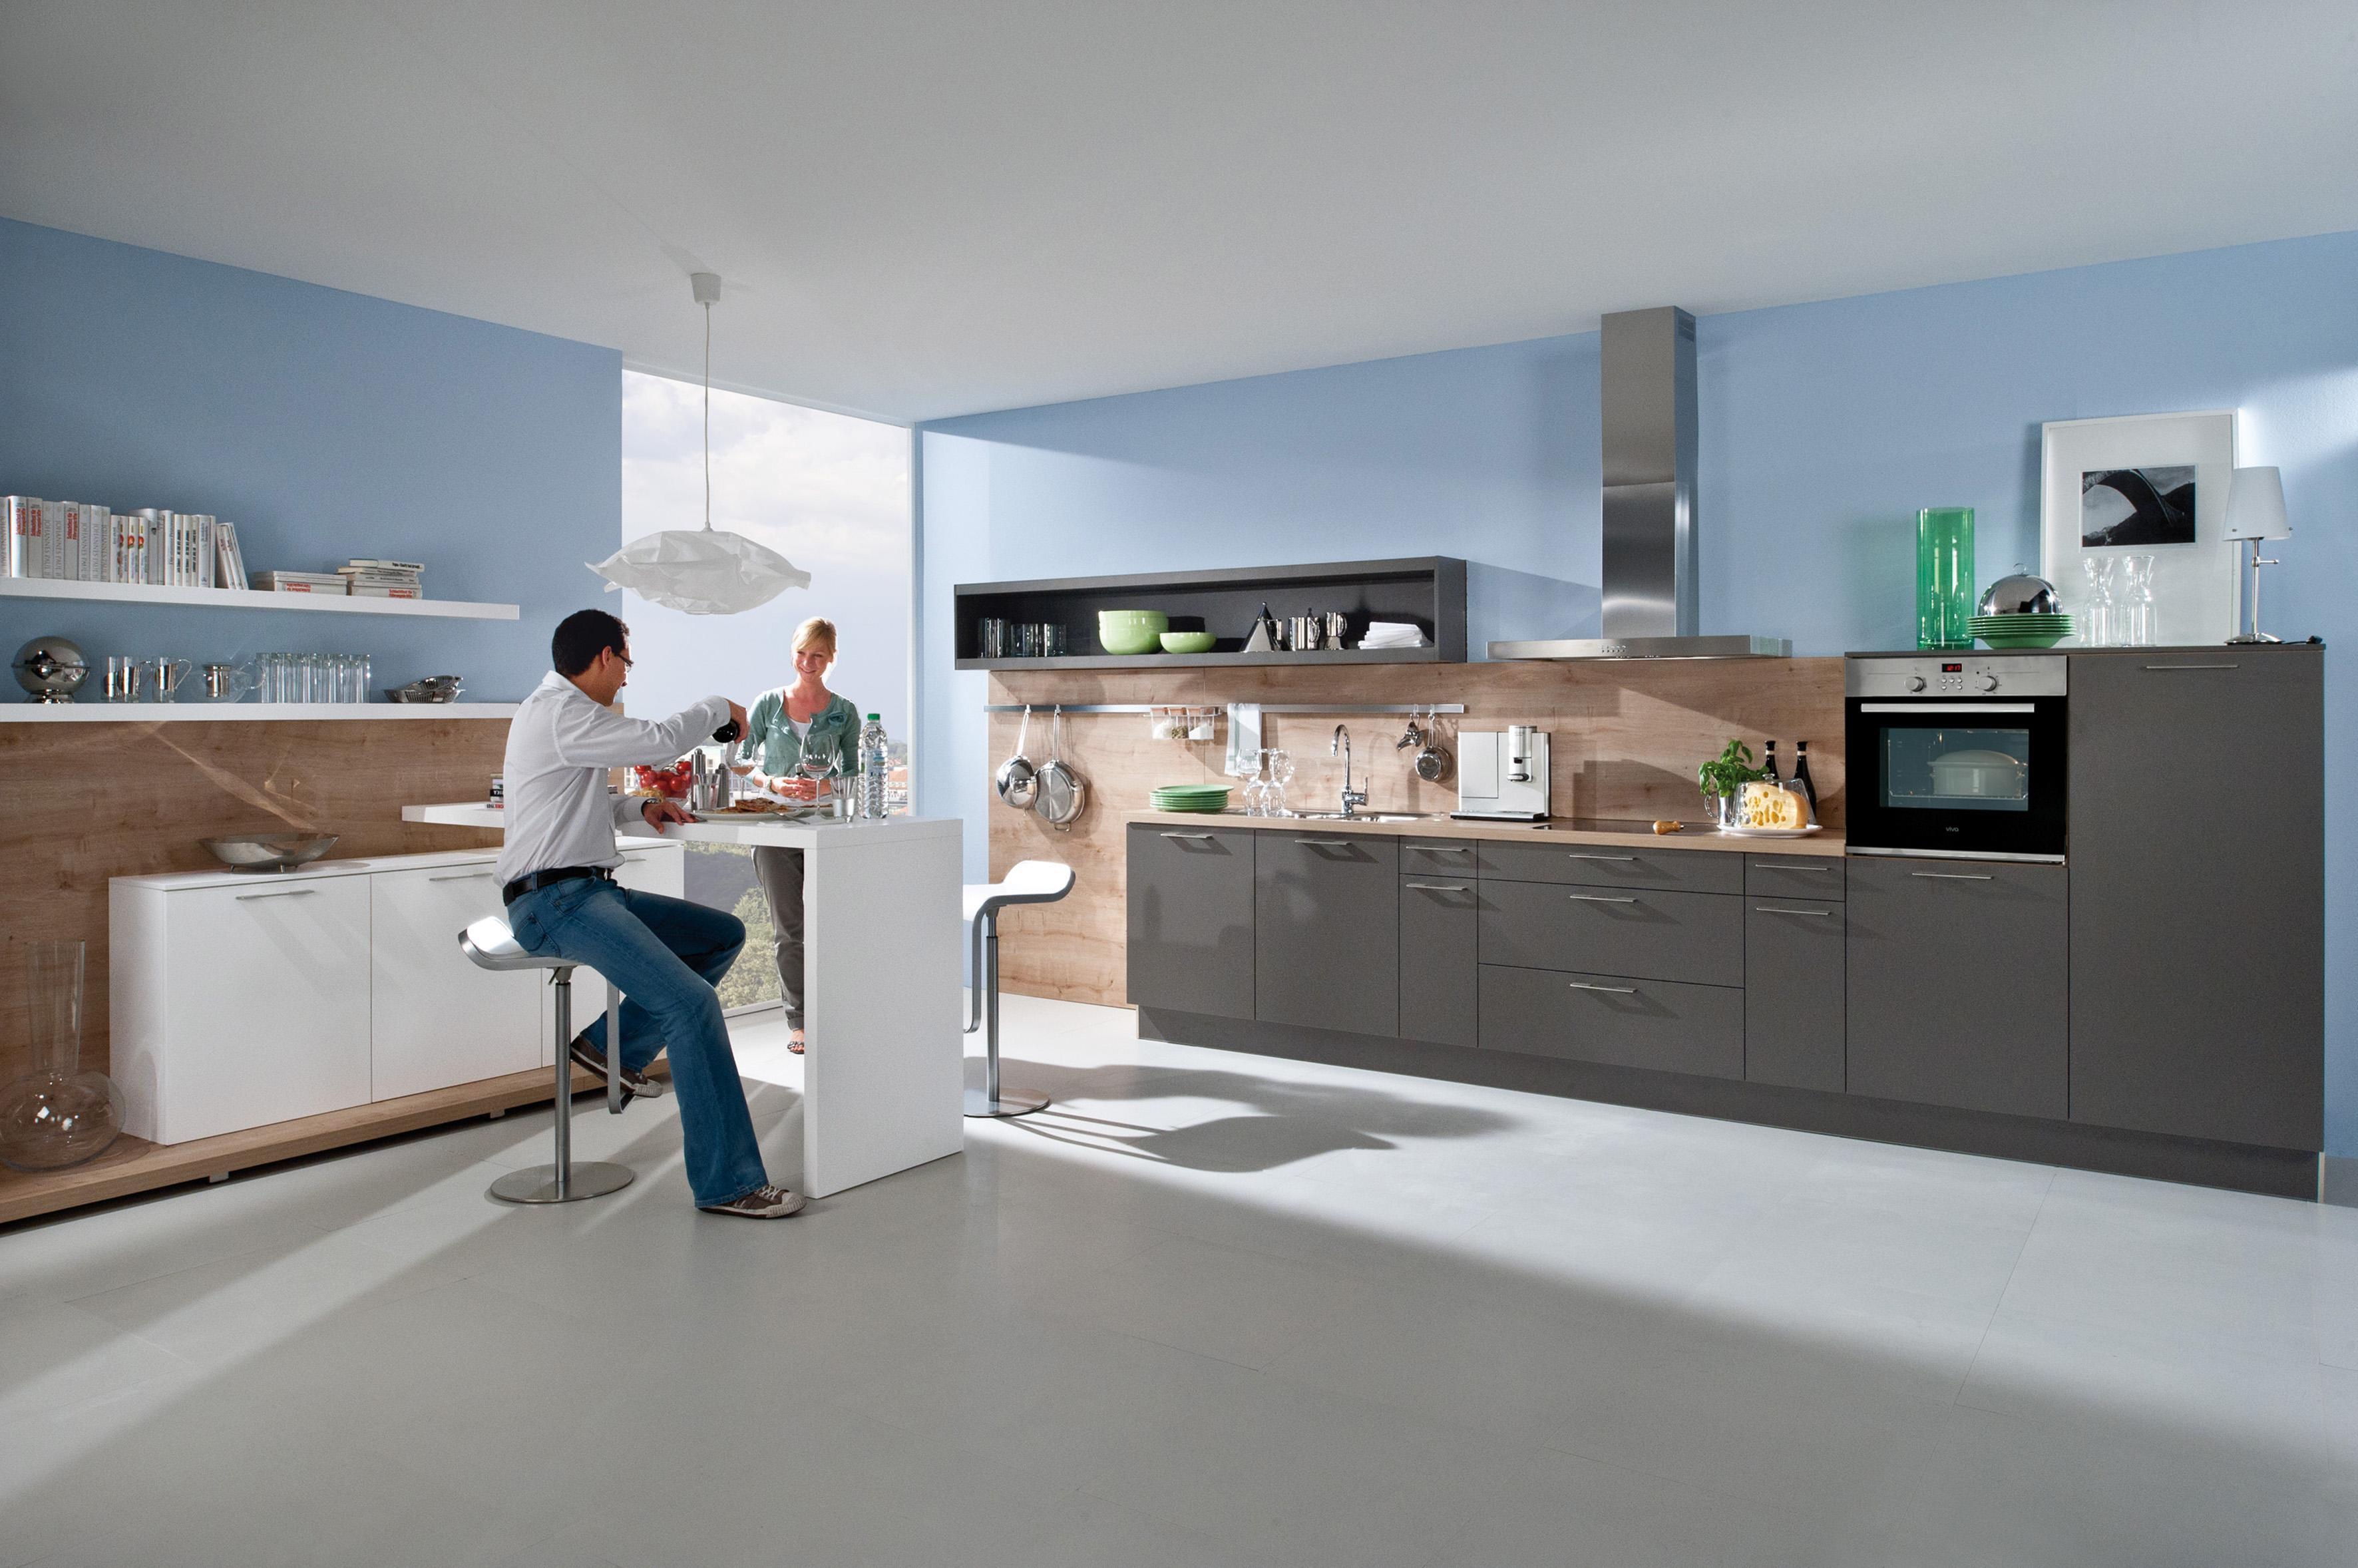 Tegels Antraciet Keuken : Antraciet Tegels Keuken : Home ? Keuken collecties ? H?cker Classic